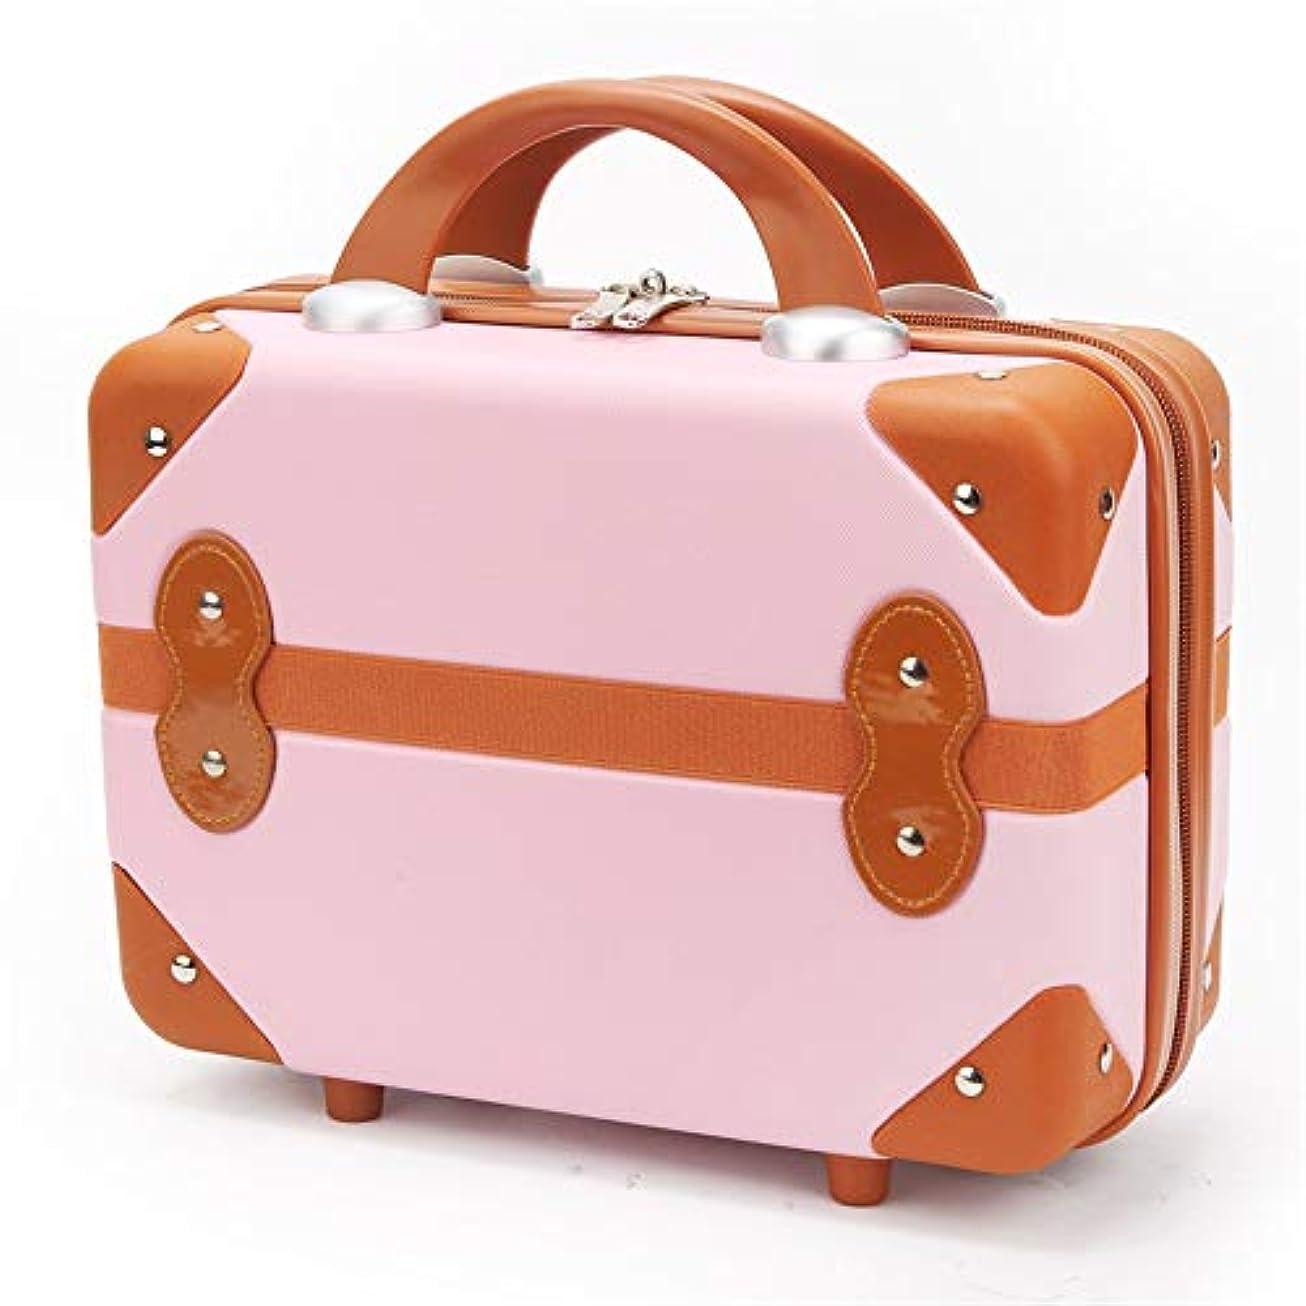 非常に怒っています飛行機空港化粧オーガナイザーバッグ 14インチのメイクアップトラベルバッグPUレター防水化粧ケースのティーン女の子の女性アーティスト 化粧品ケース